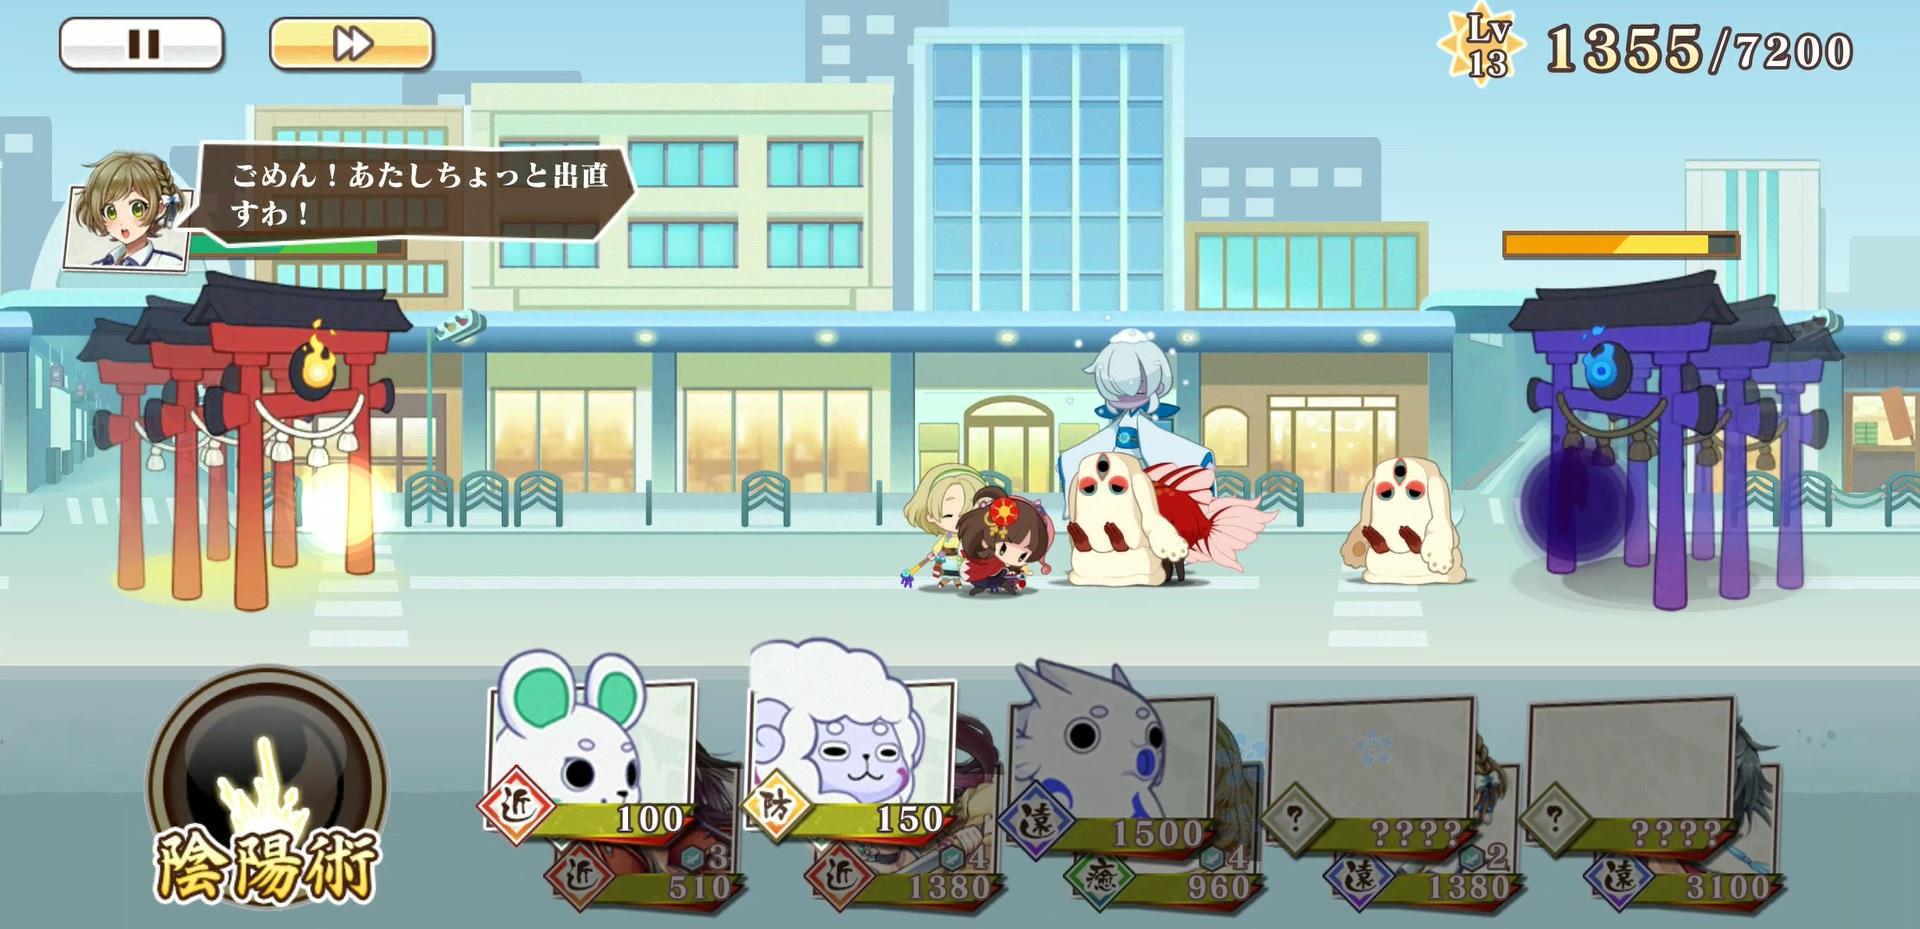 京刀のナユタ【ゲームレビュー】